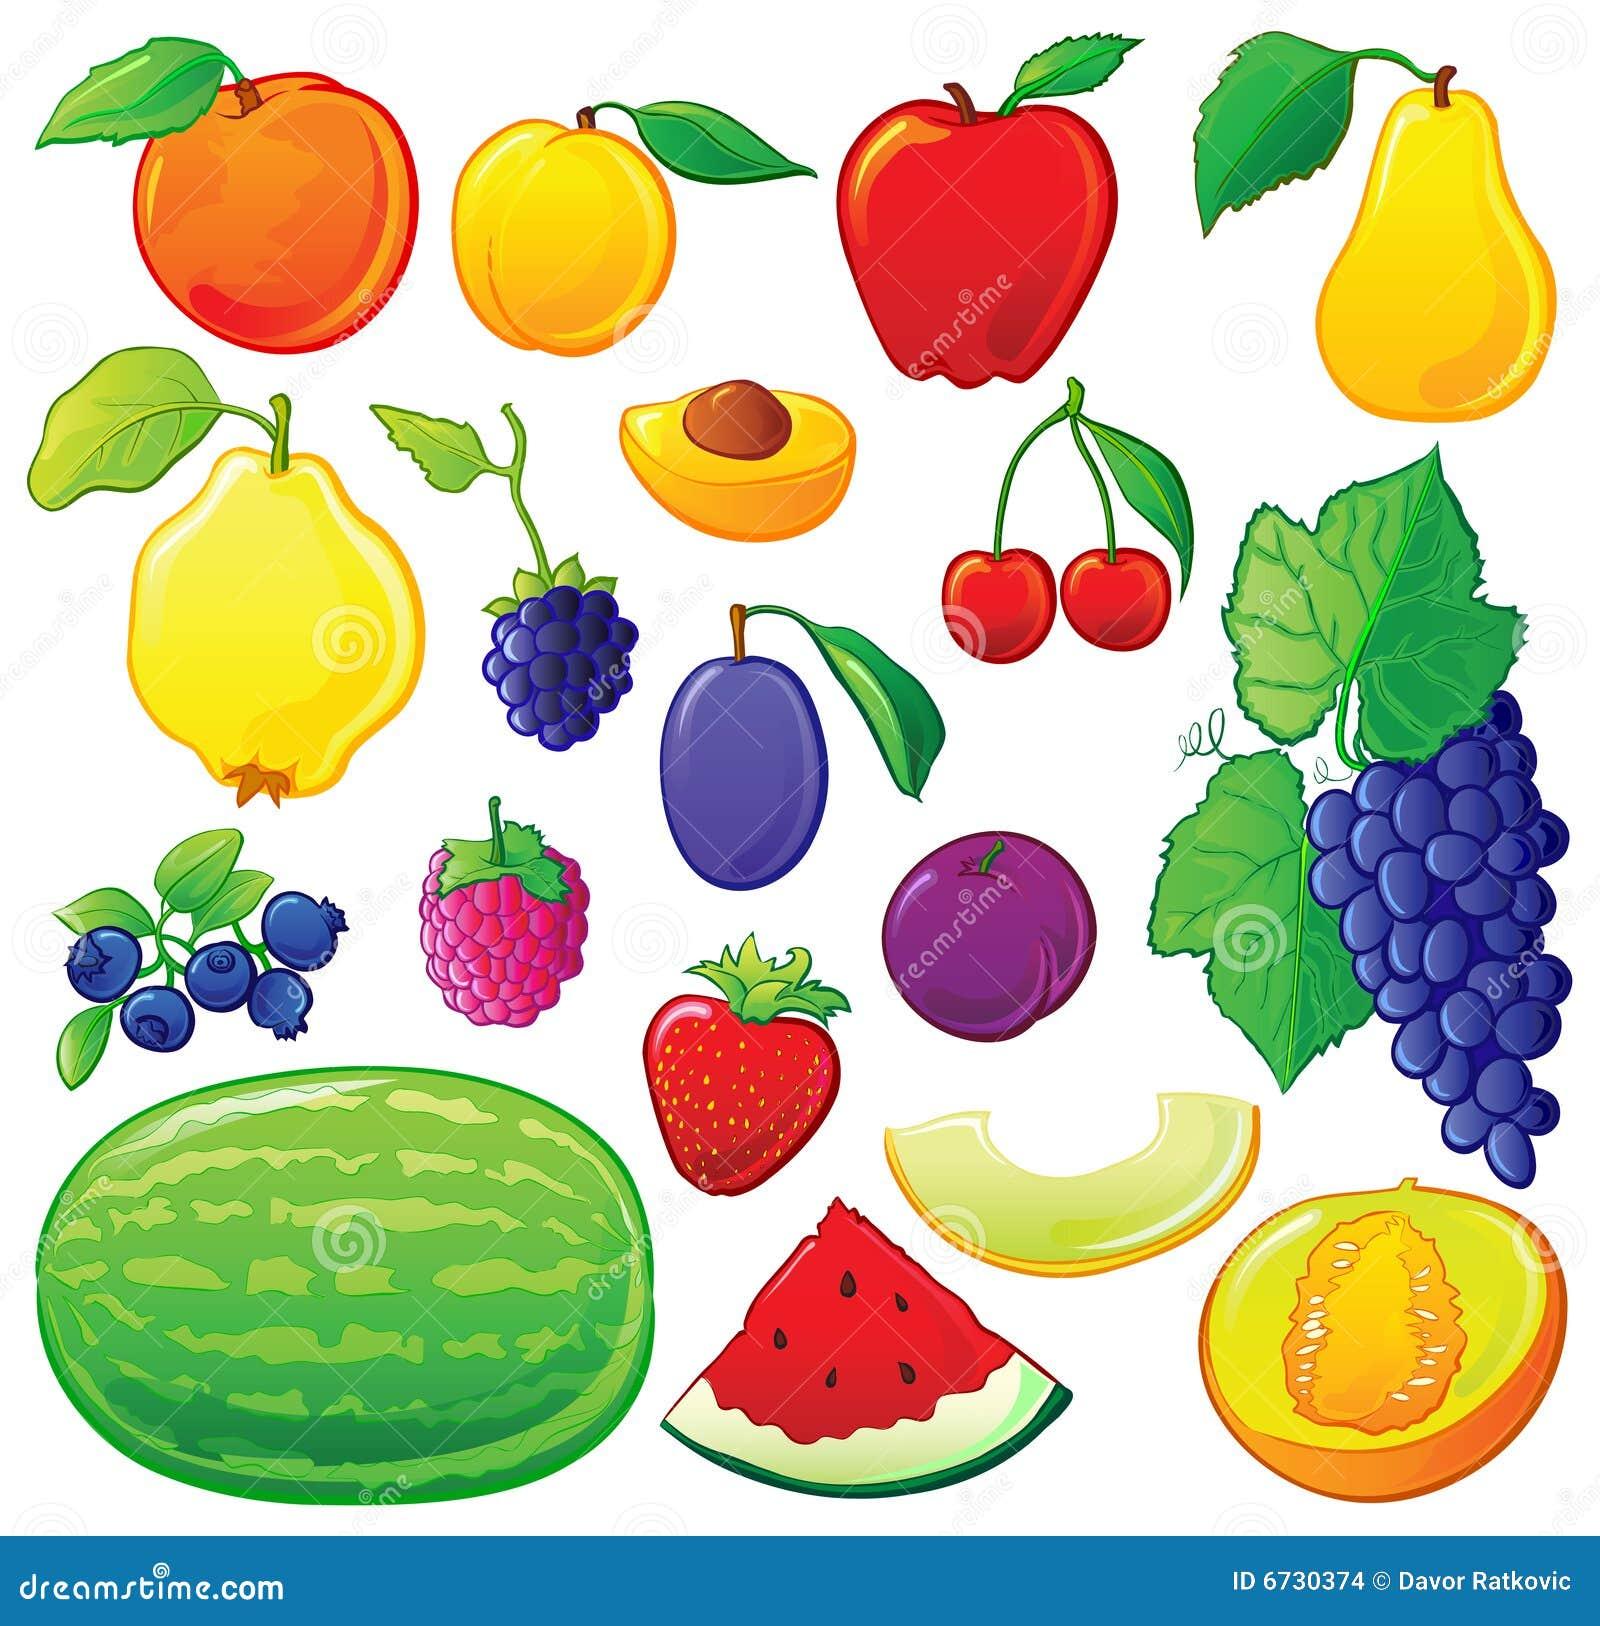 Bellissimo Disegni Da Colorare Kawaii Cibi Patatinr Frutte